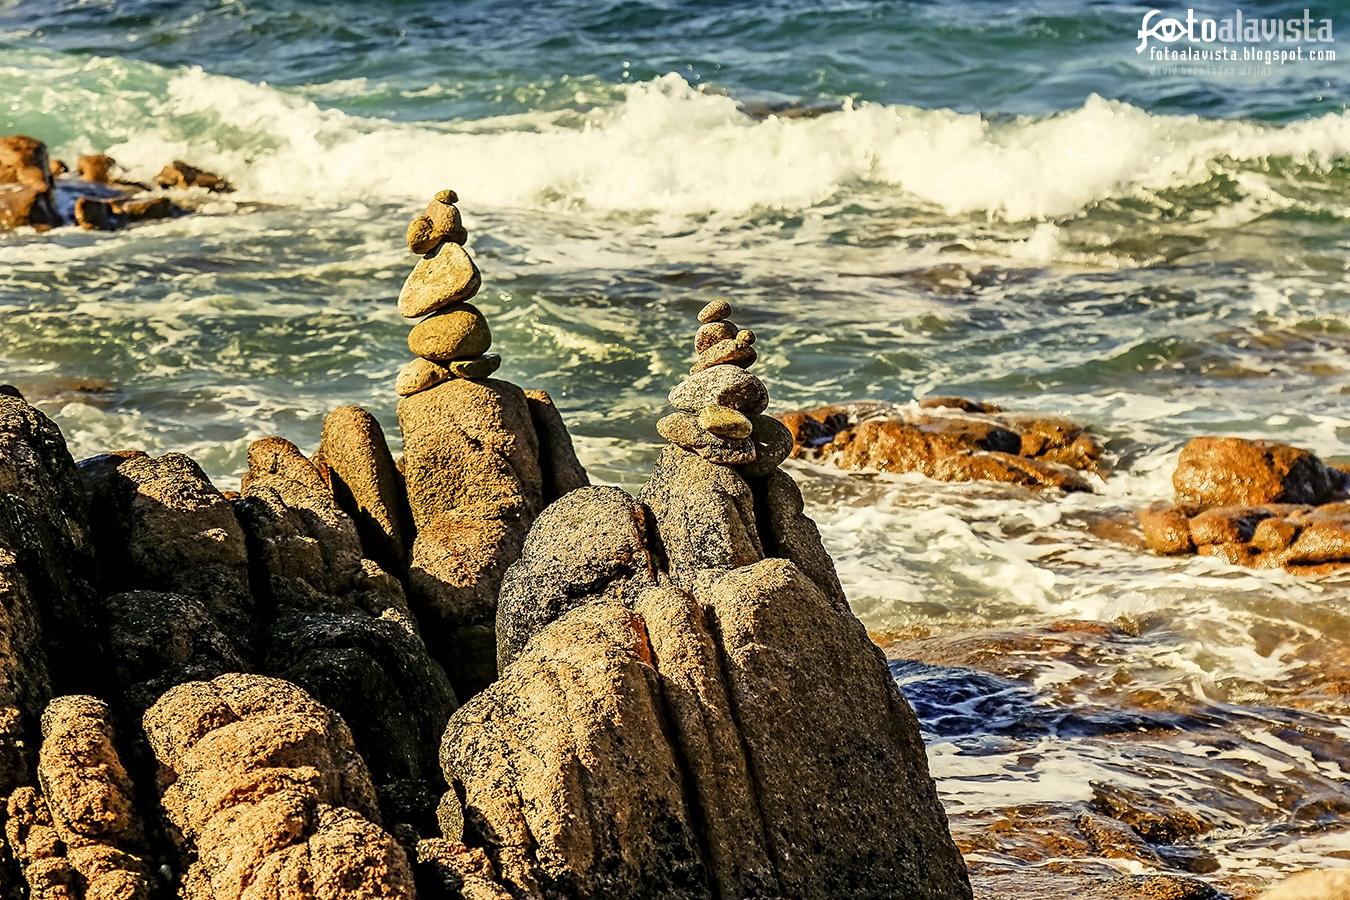 Equilibrio diagonal  desafiando a las olas con rotundidad - Fotografía artística